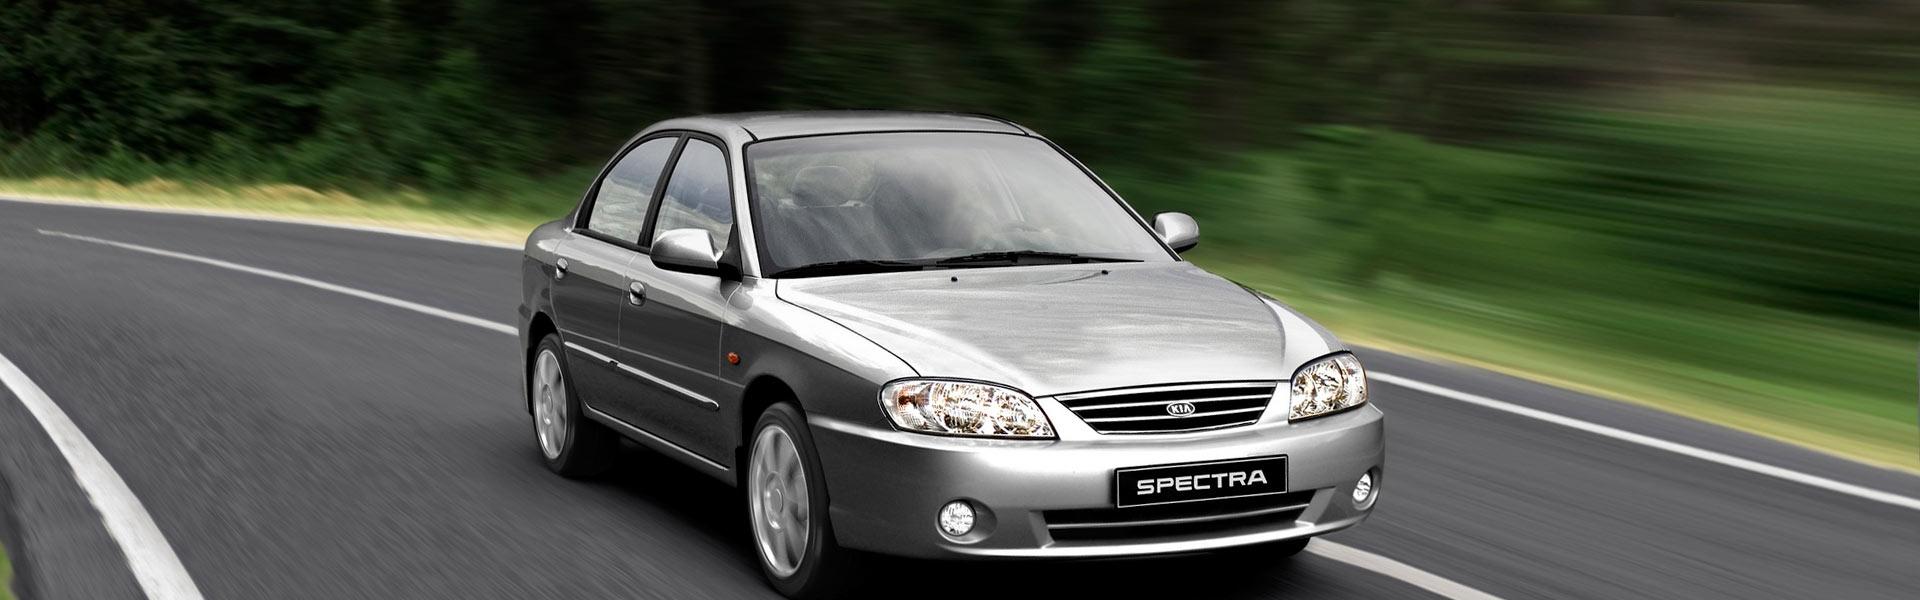 Сервис Kia Spectra